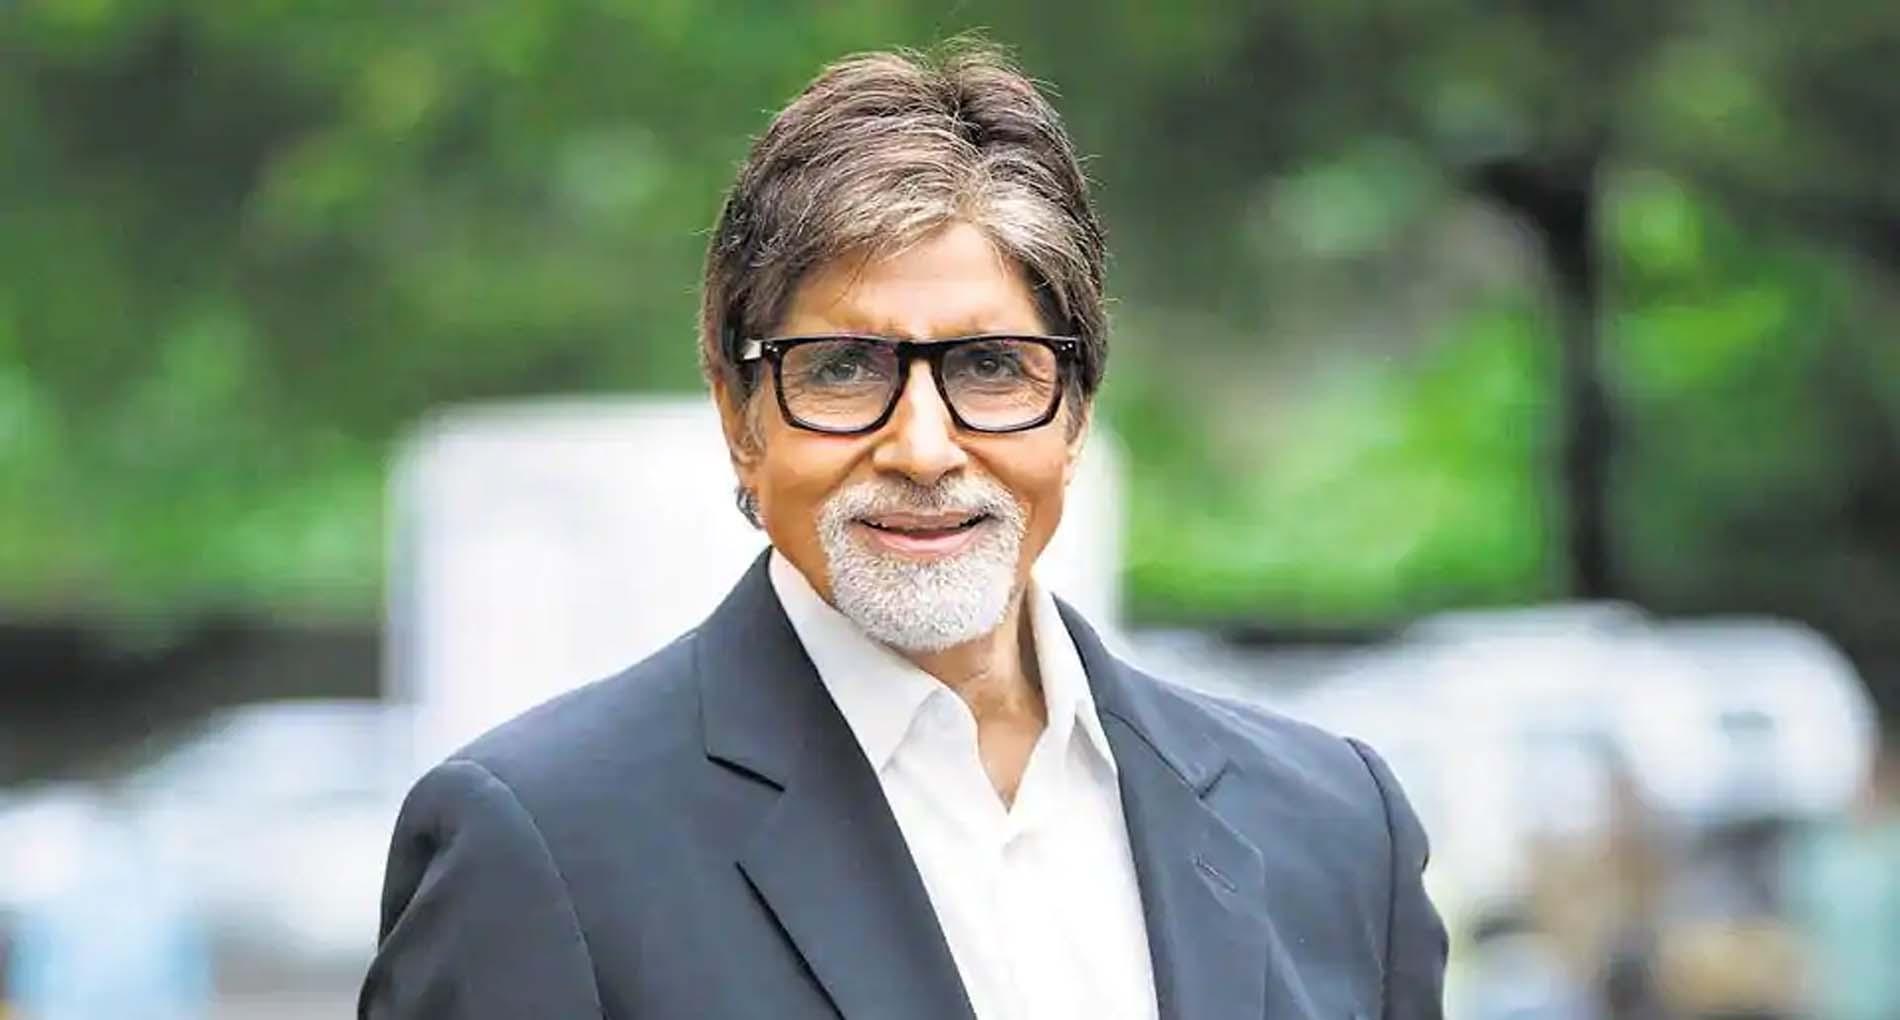 अमिताभ बच्चन ने शेयर किया ये शानदार वीडियो, किया जा रहा है खूब पसंद, देखें Video